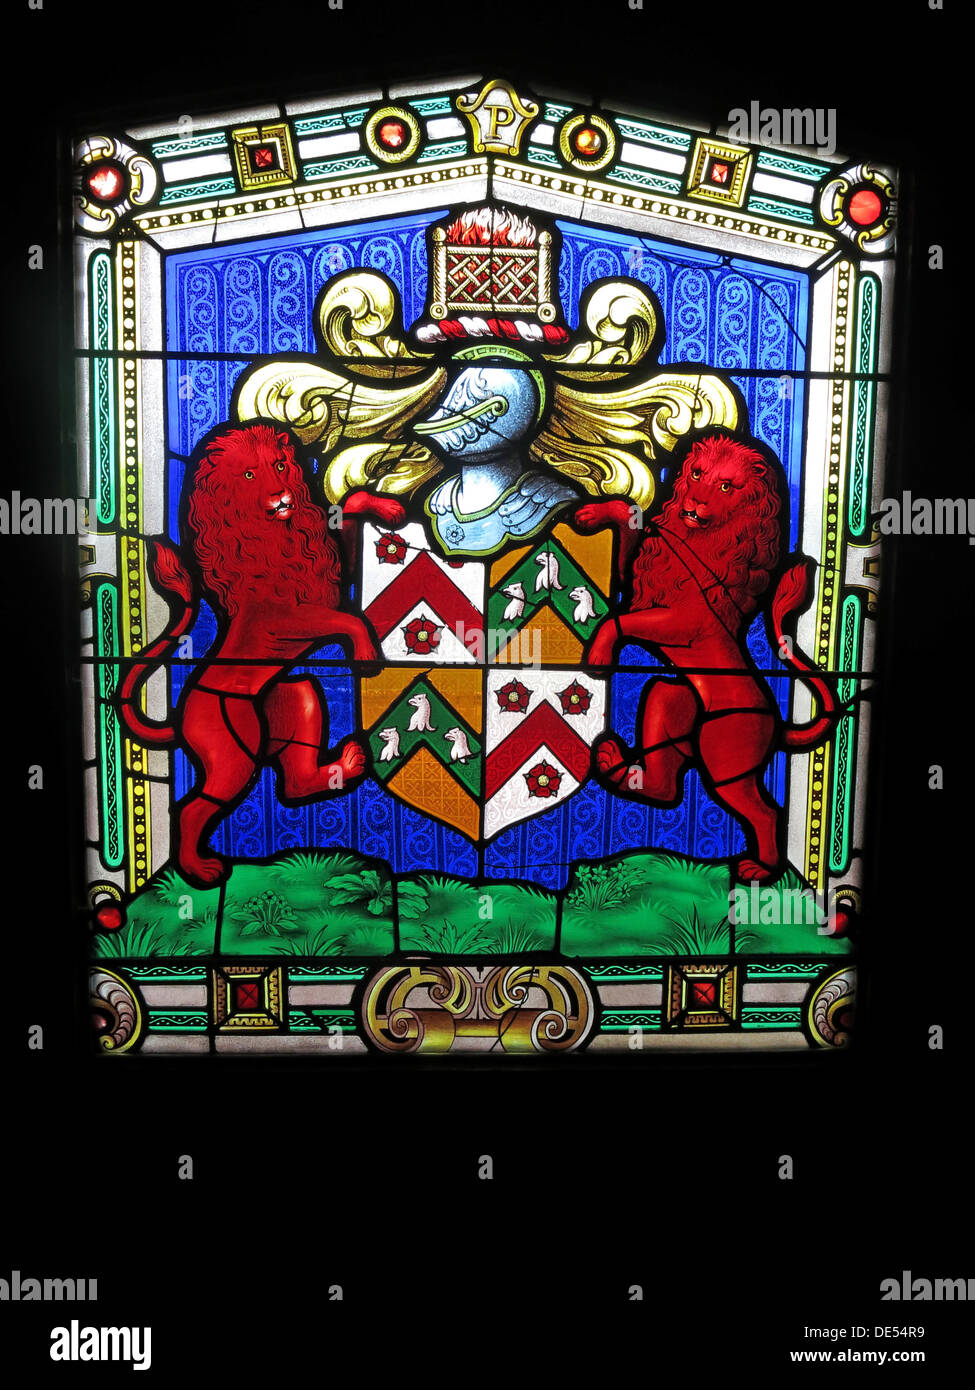 Laden Sie dieses Alamy Stockfoto Glasmalerei von Montecute House, Somerset, England - DE54R9